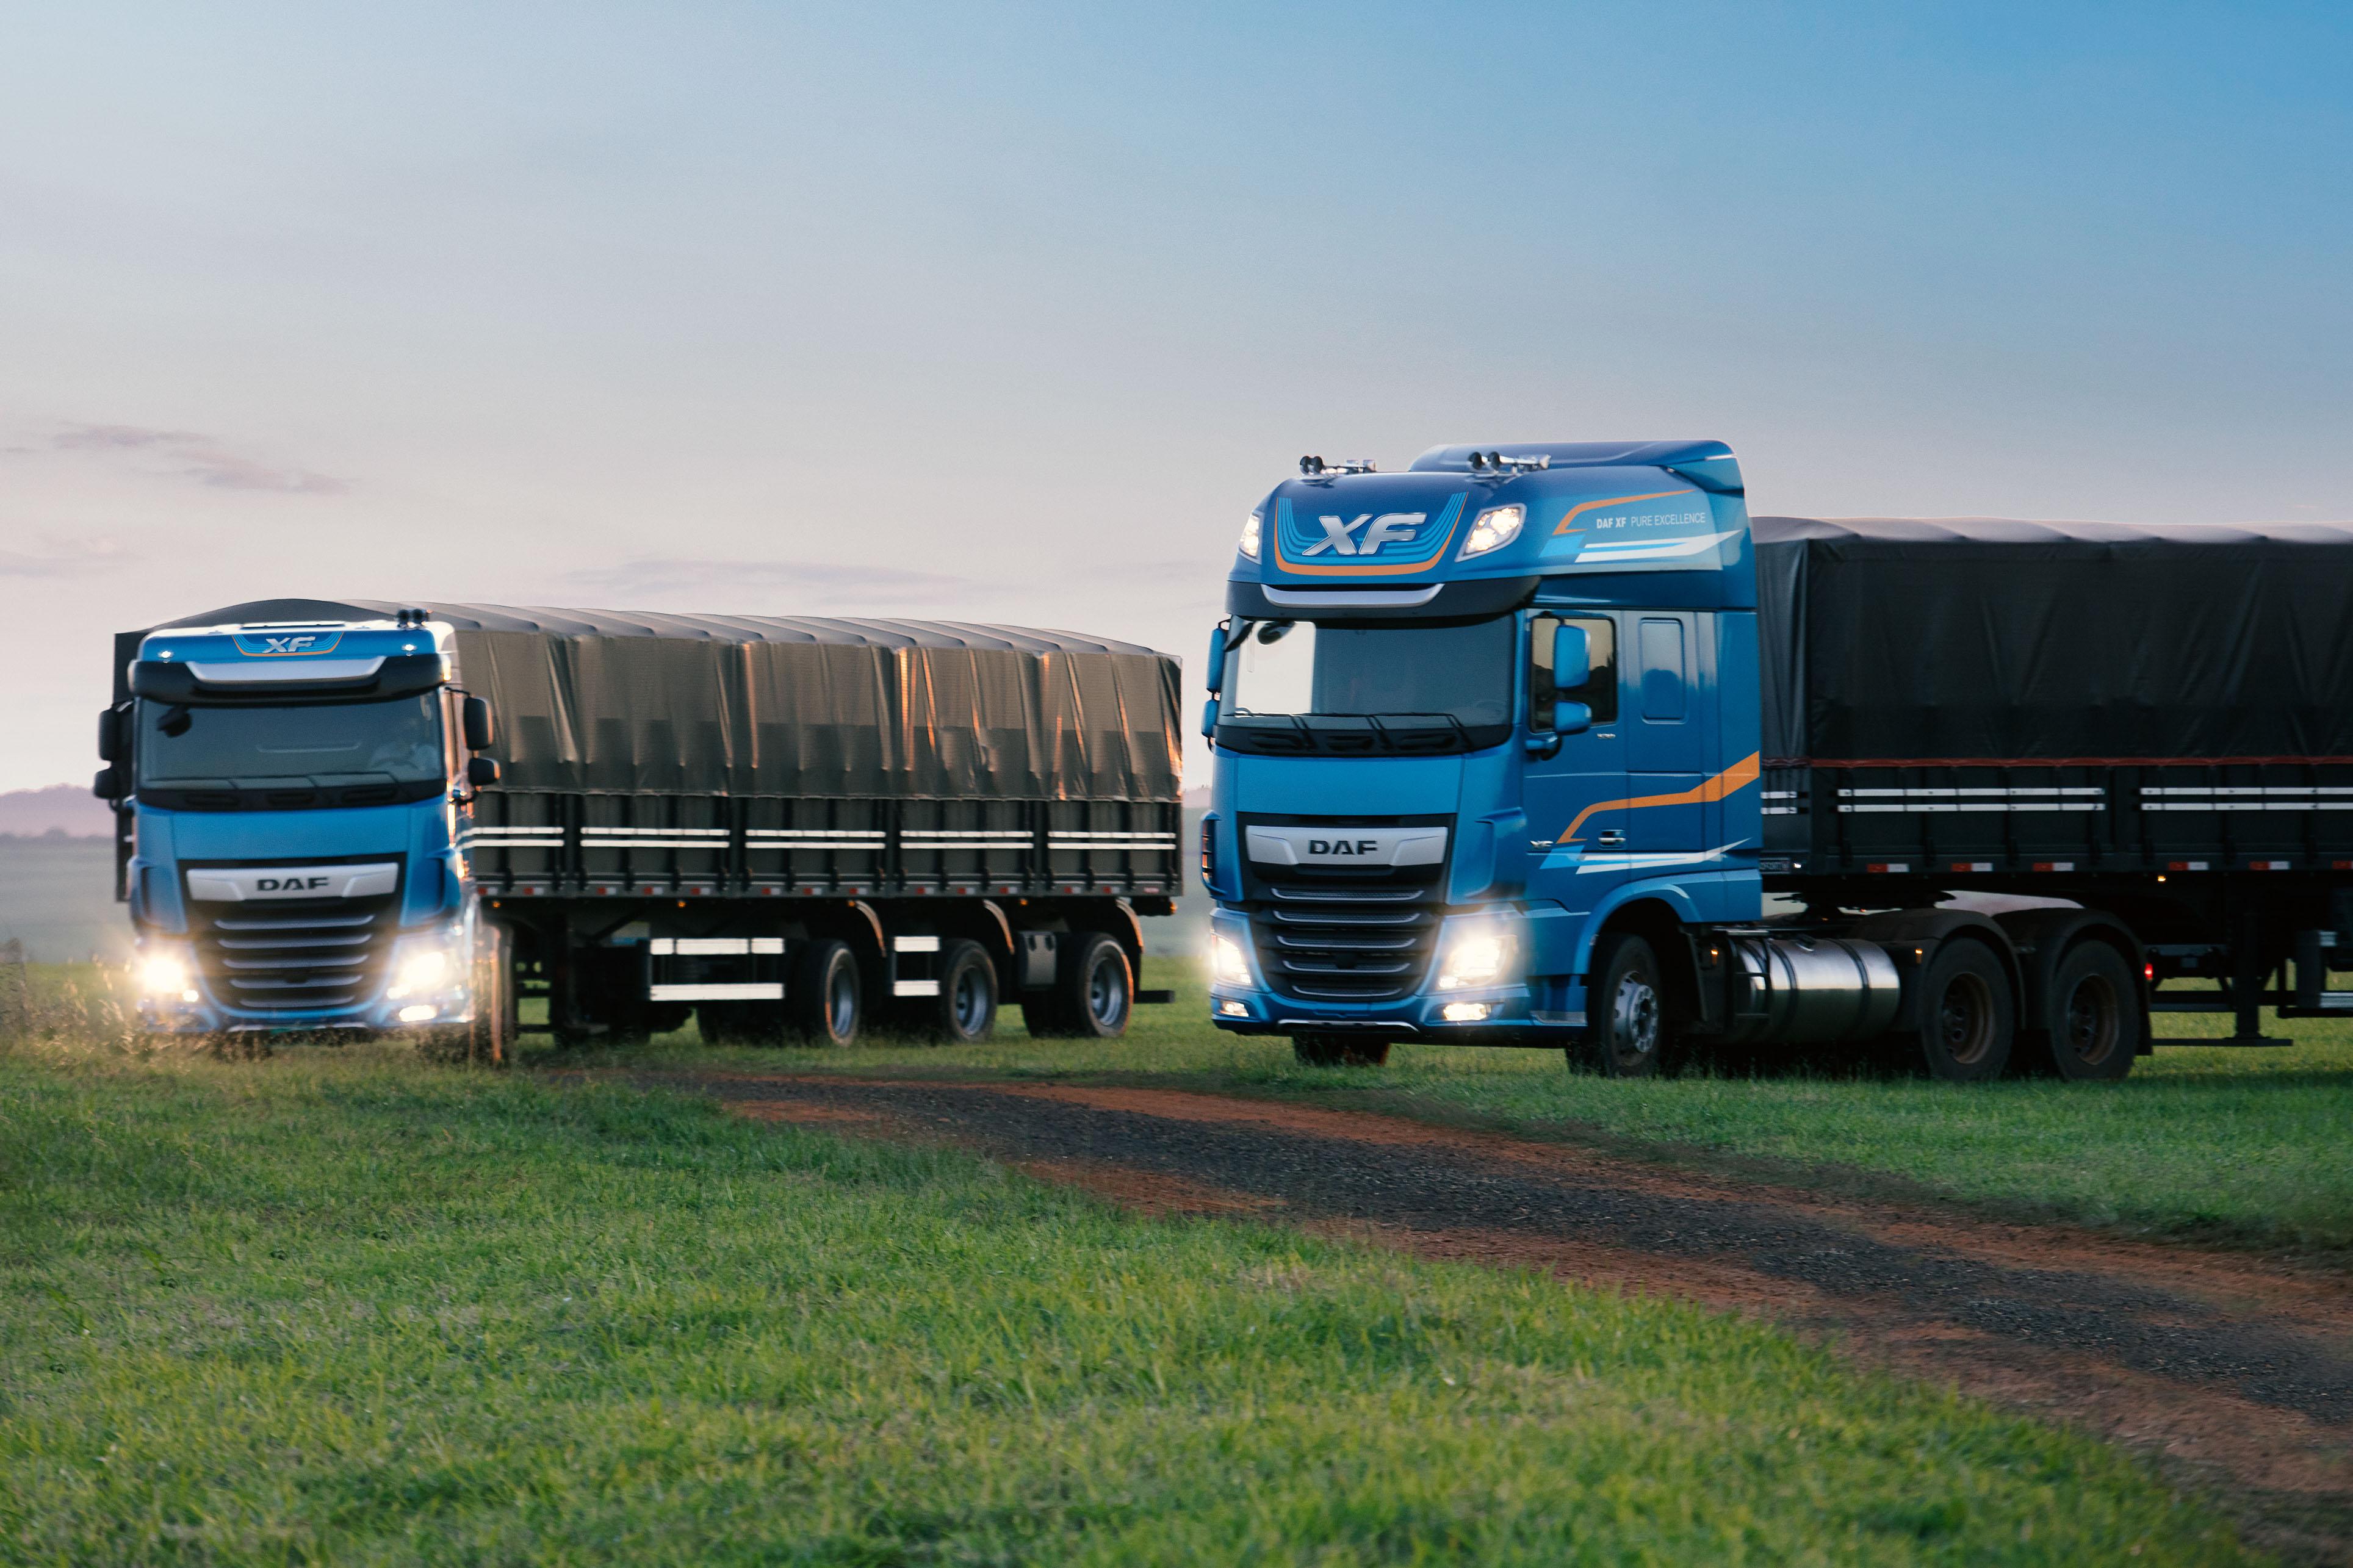 DAF Caminhões apresenta novo modelo XF durante coletiva